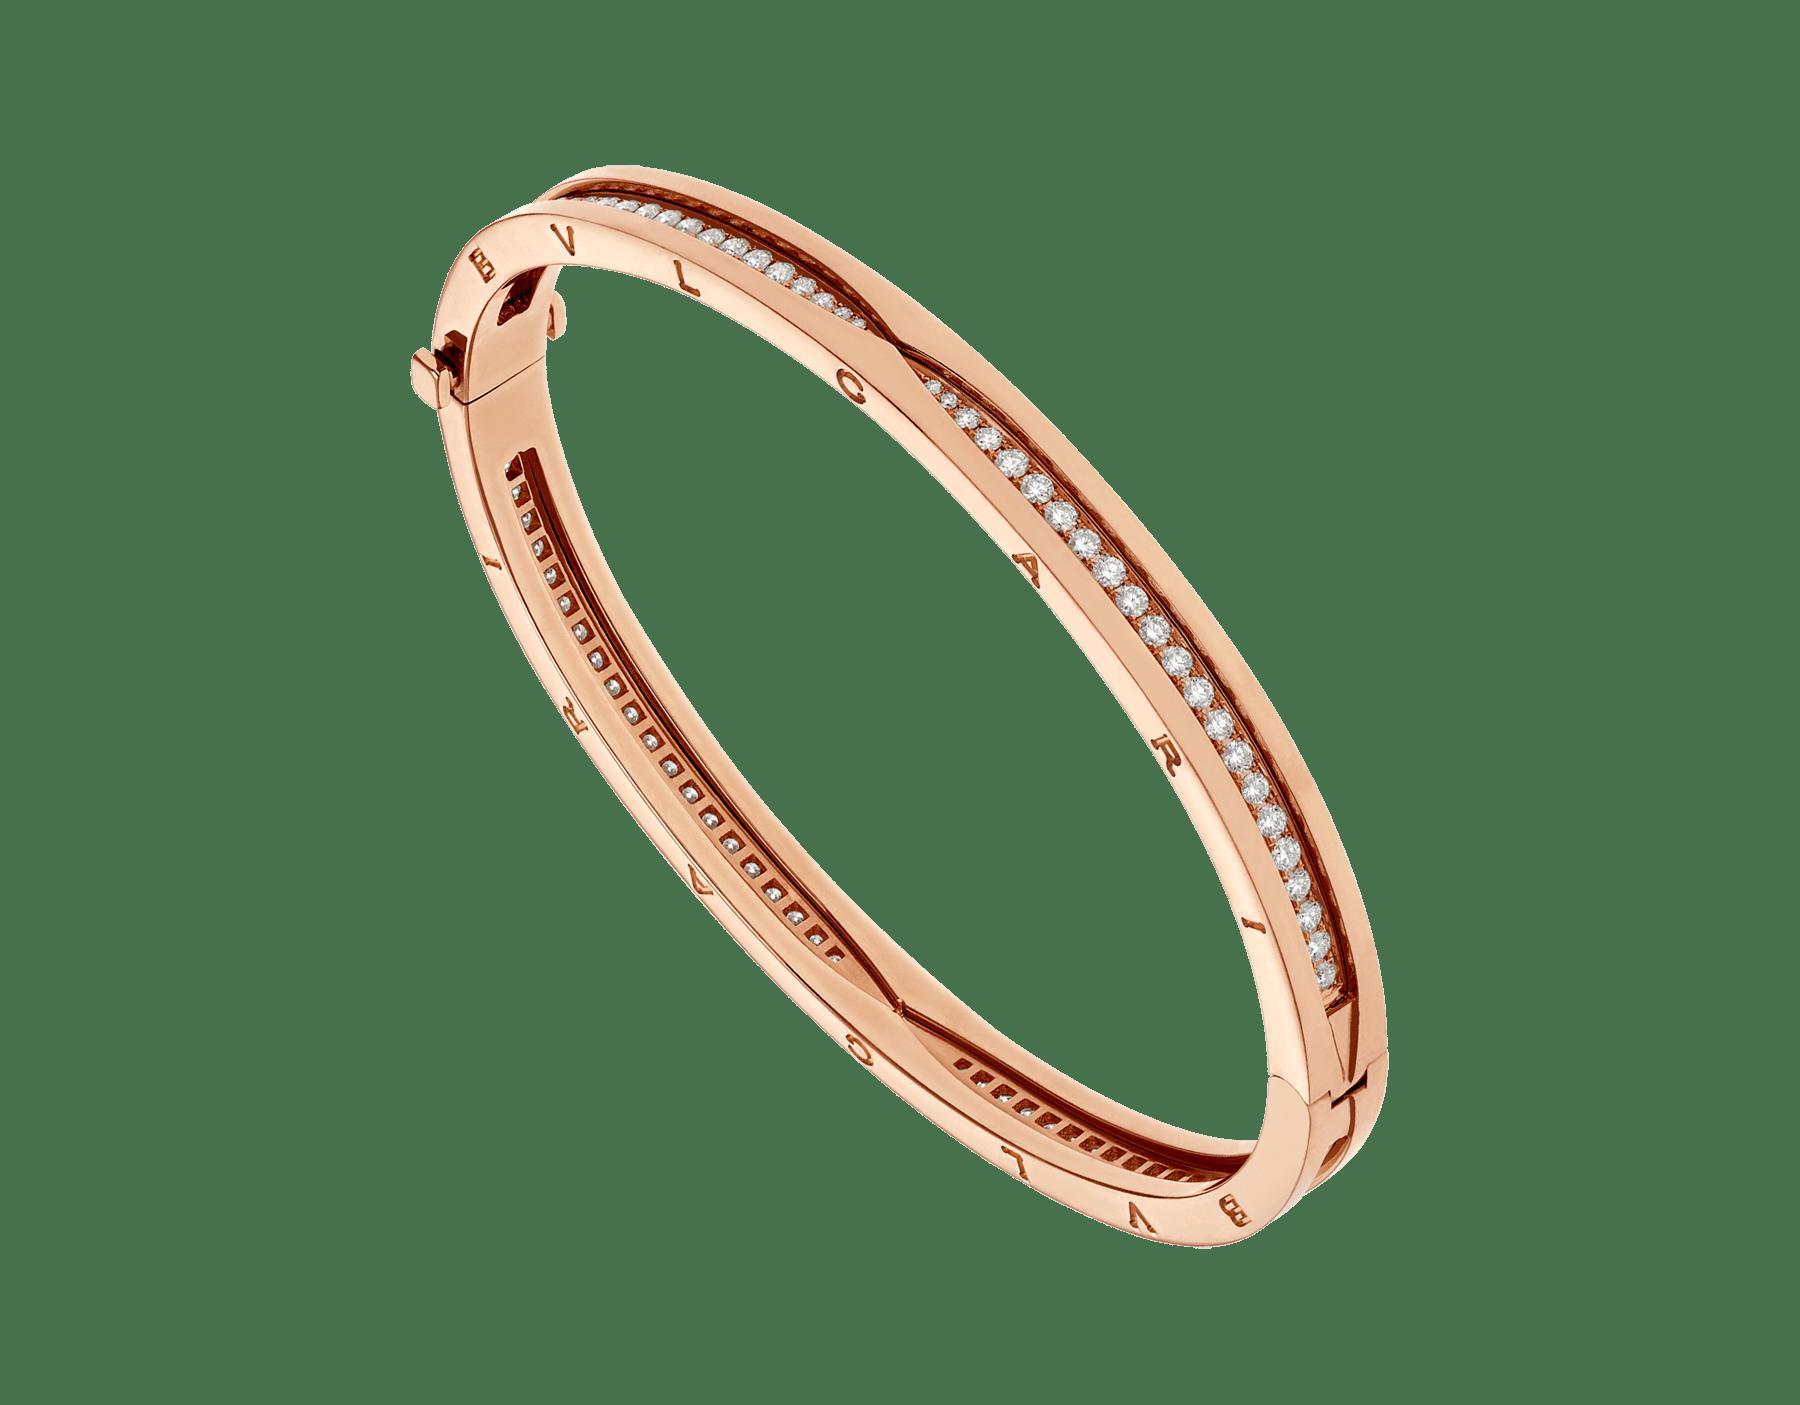 B.zero1 18 kt rose gold bracelet set with pavé diamonds on the spiral BR858817 image 1